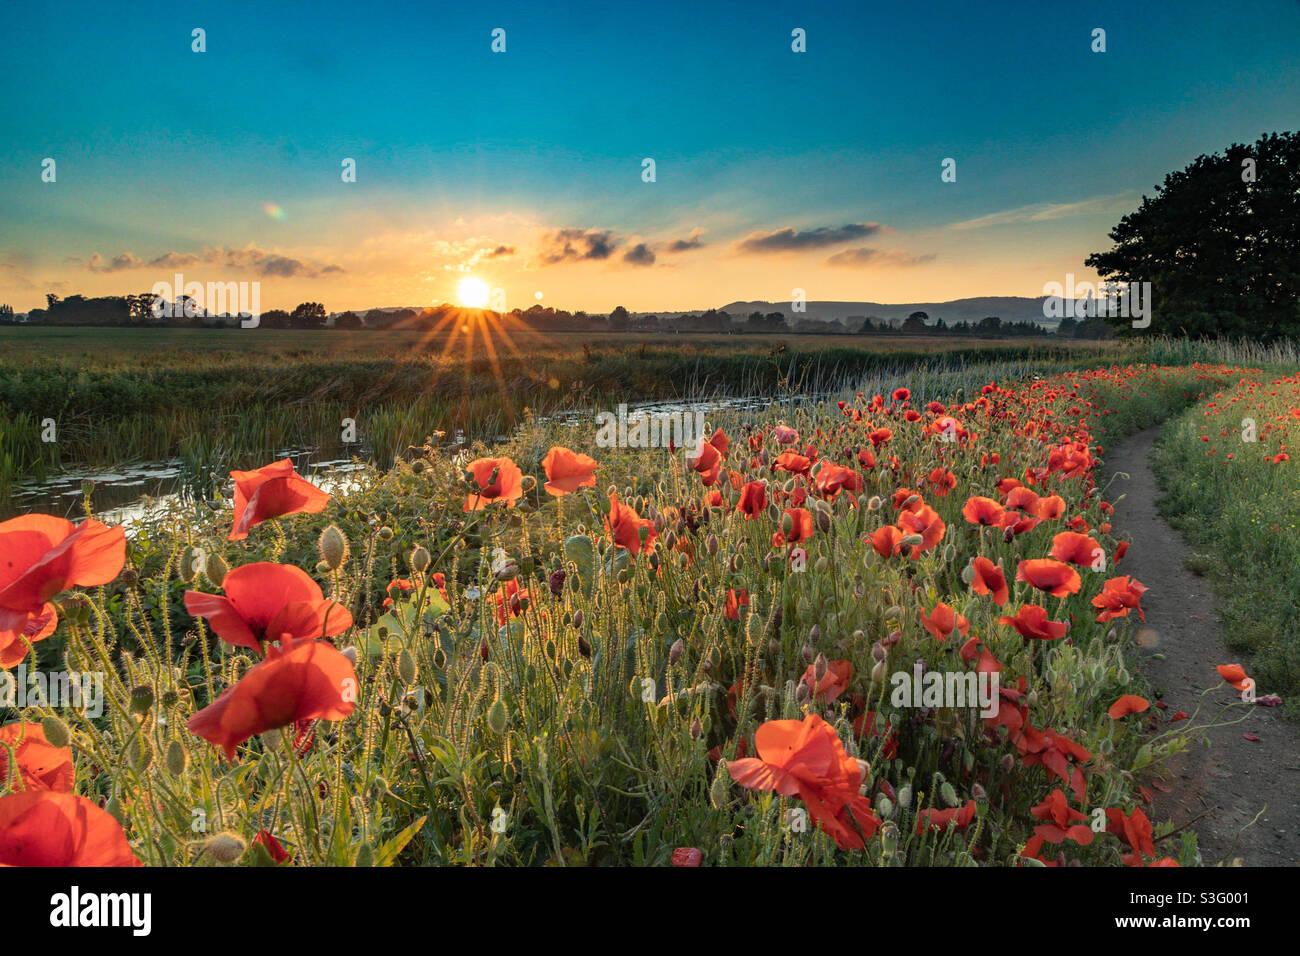 Mohnblumen bei Sonnenuntergang Stockfoto